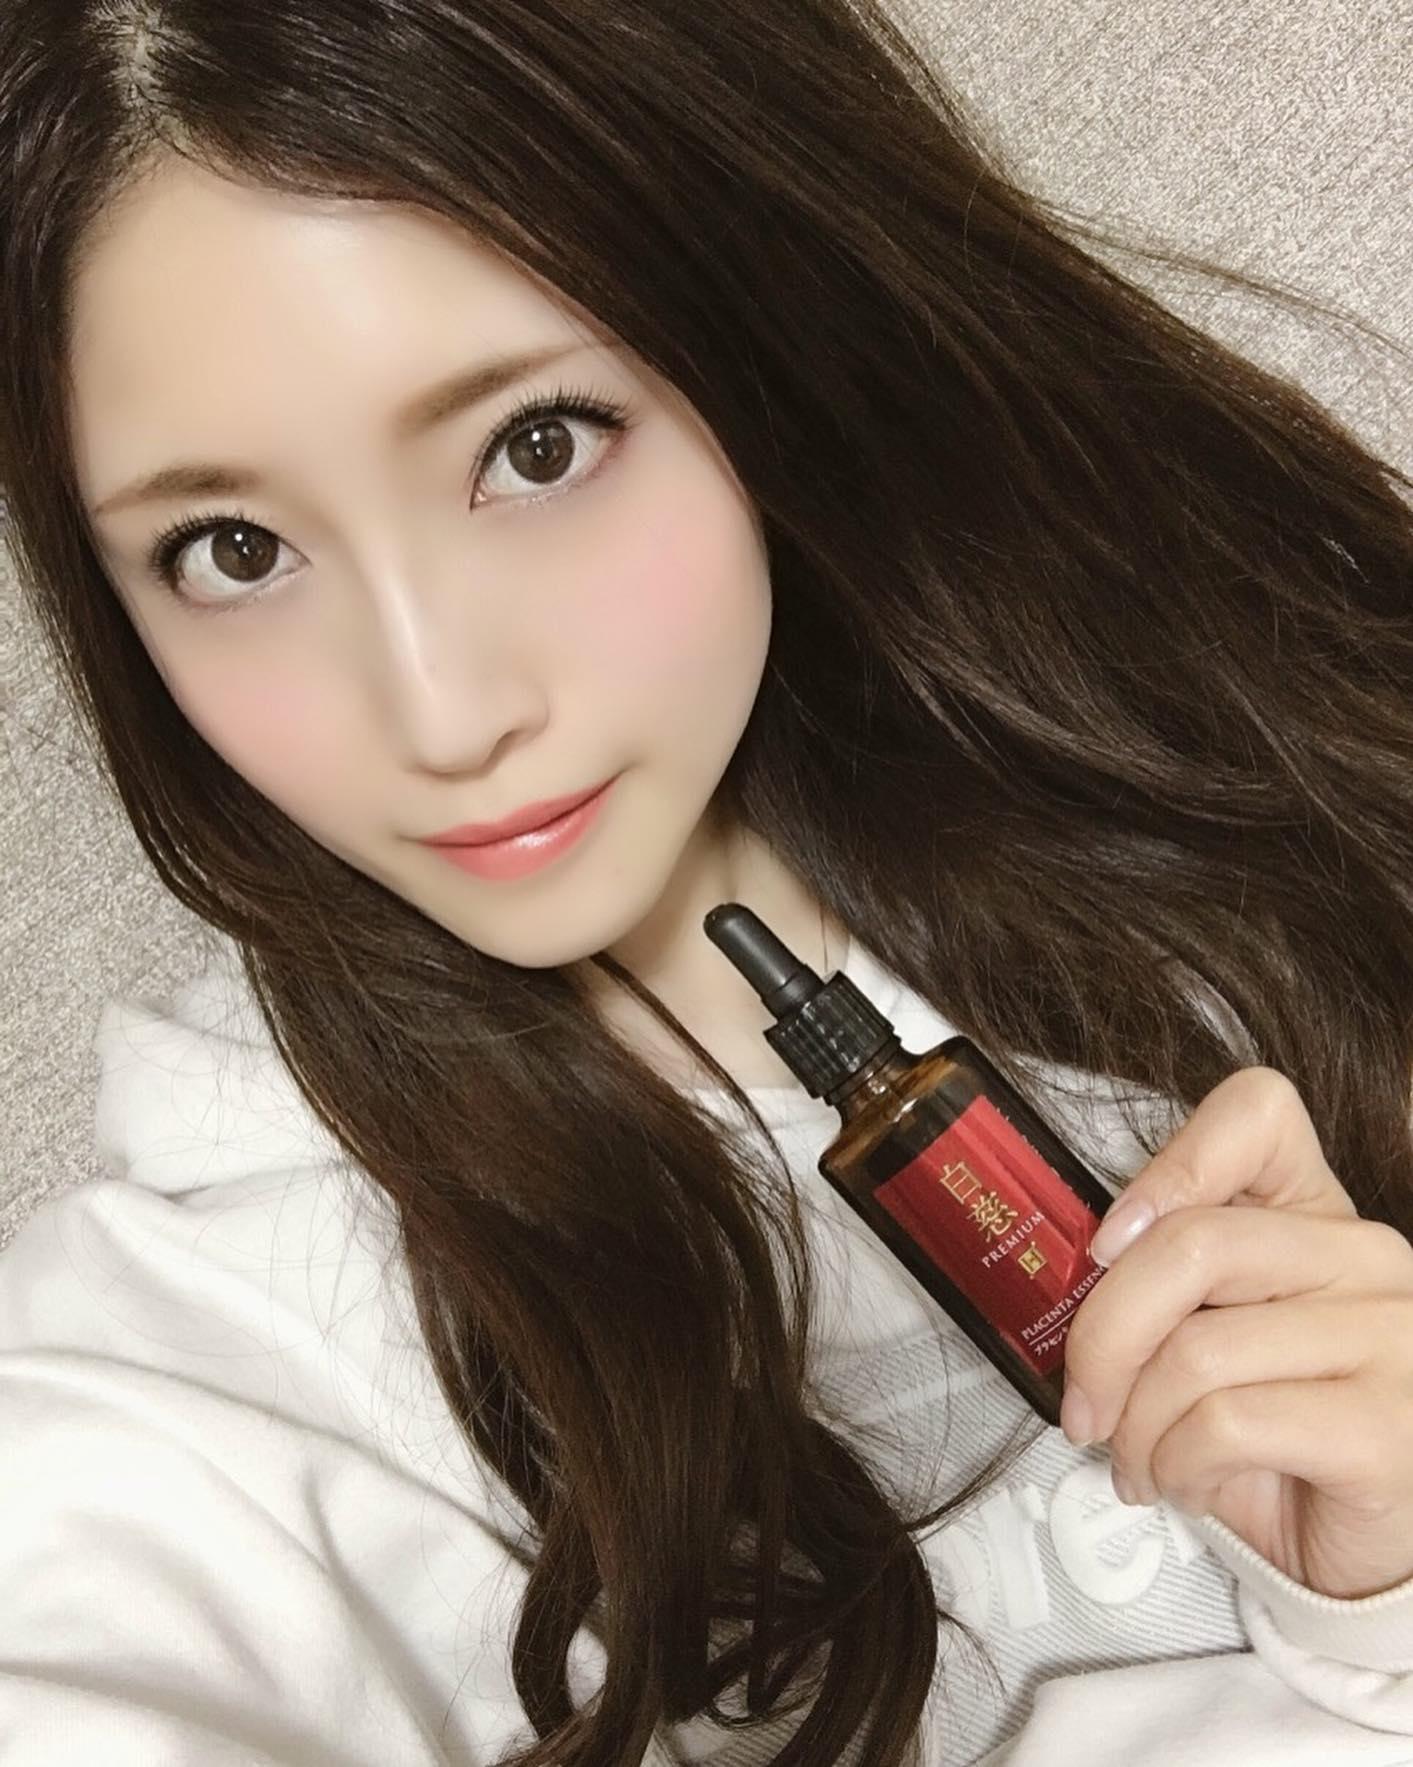 口コミ投稿:「白慈プラセンタ・プロテオ原液」洗顔後すぐに使う美白美容液です。プラセンタとプ…